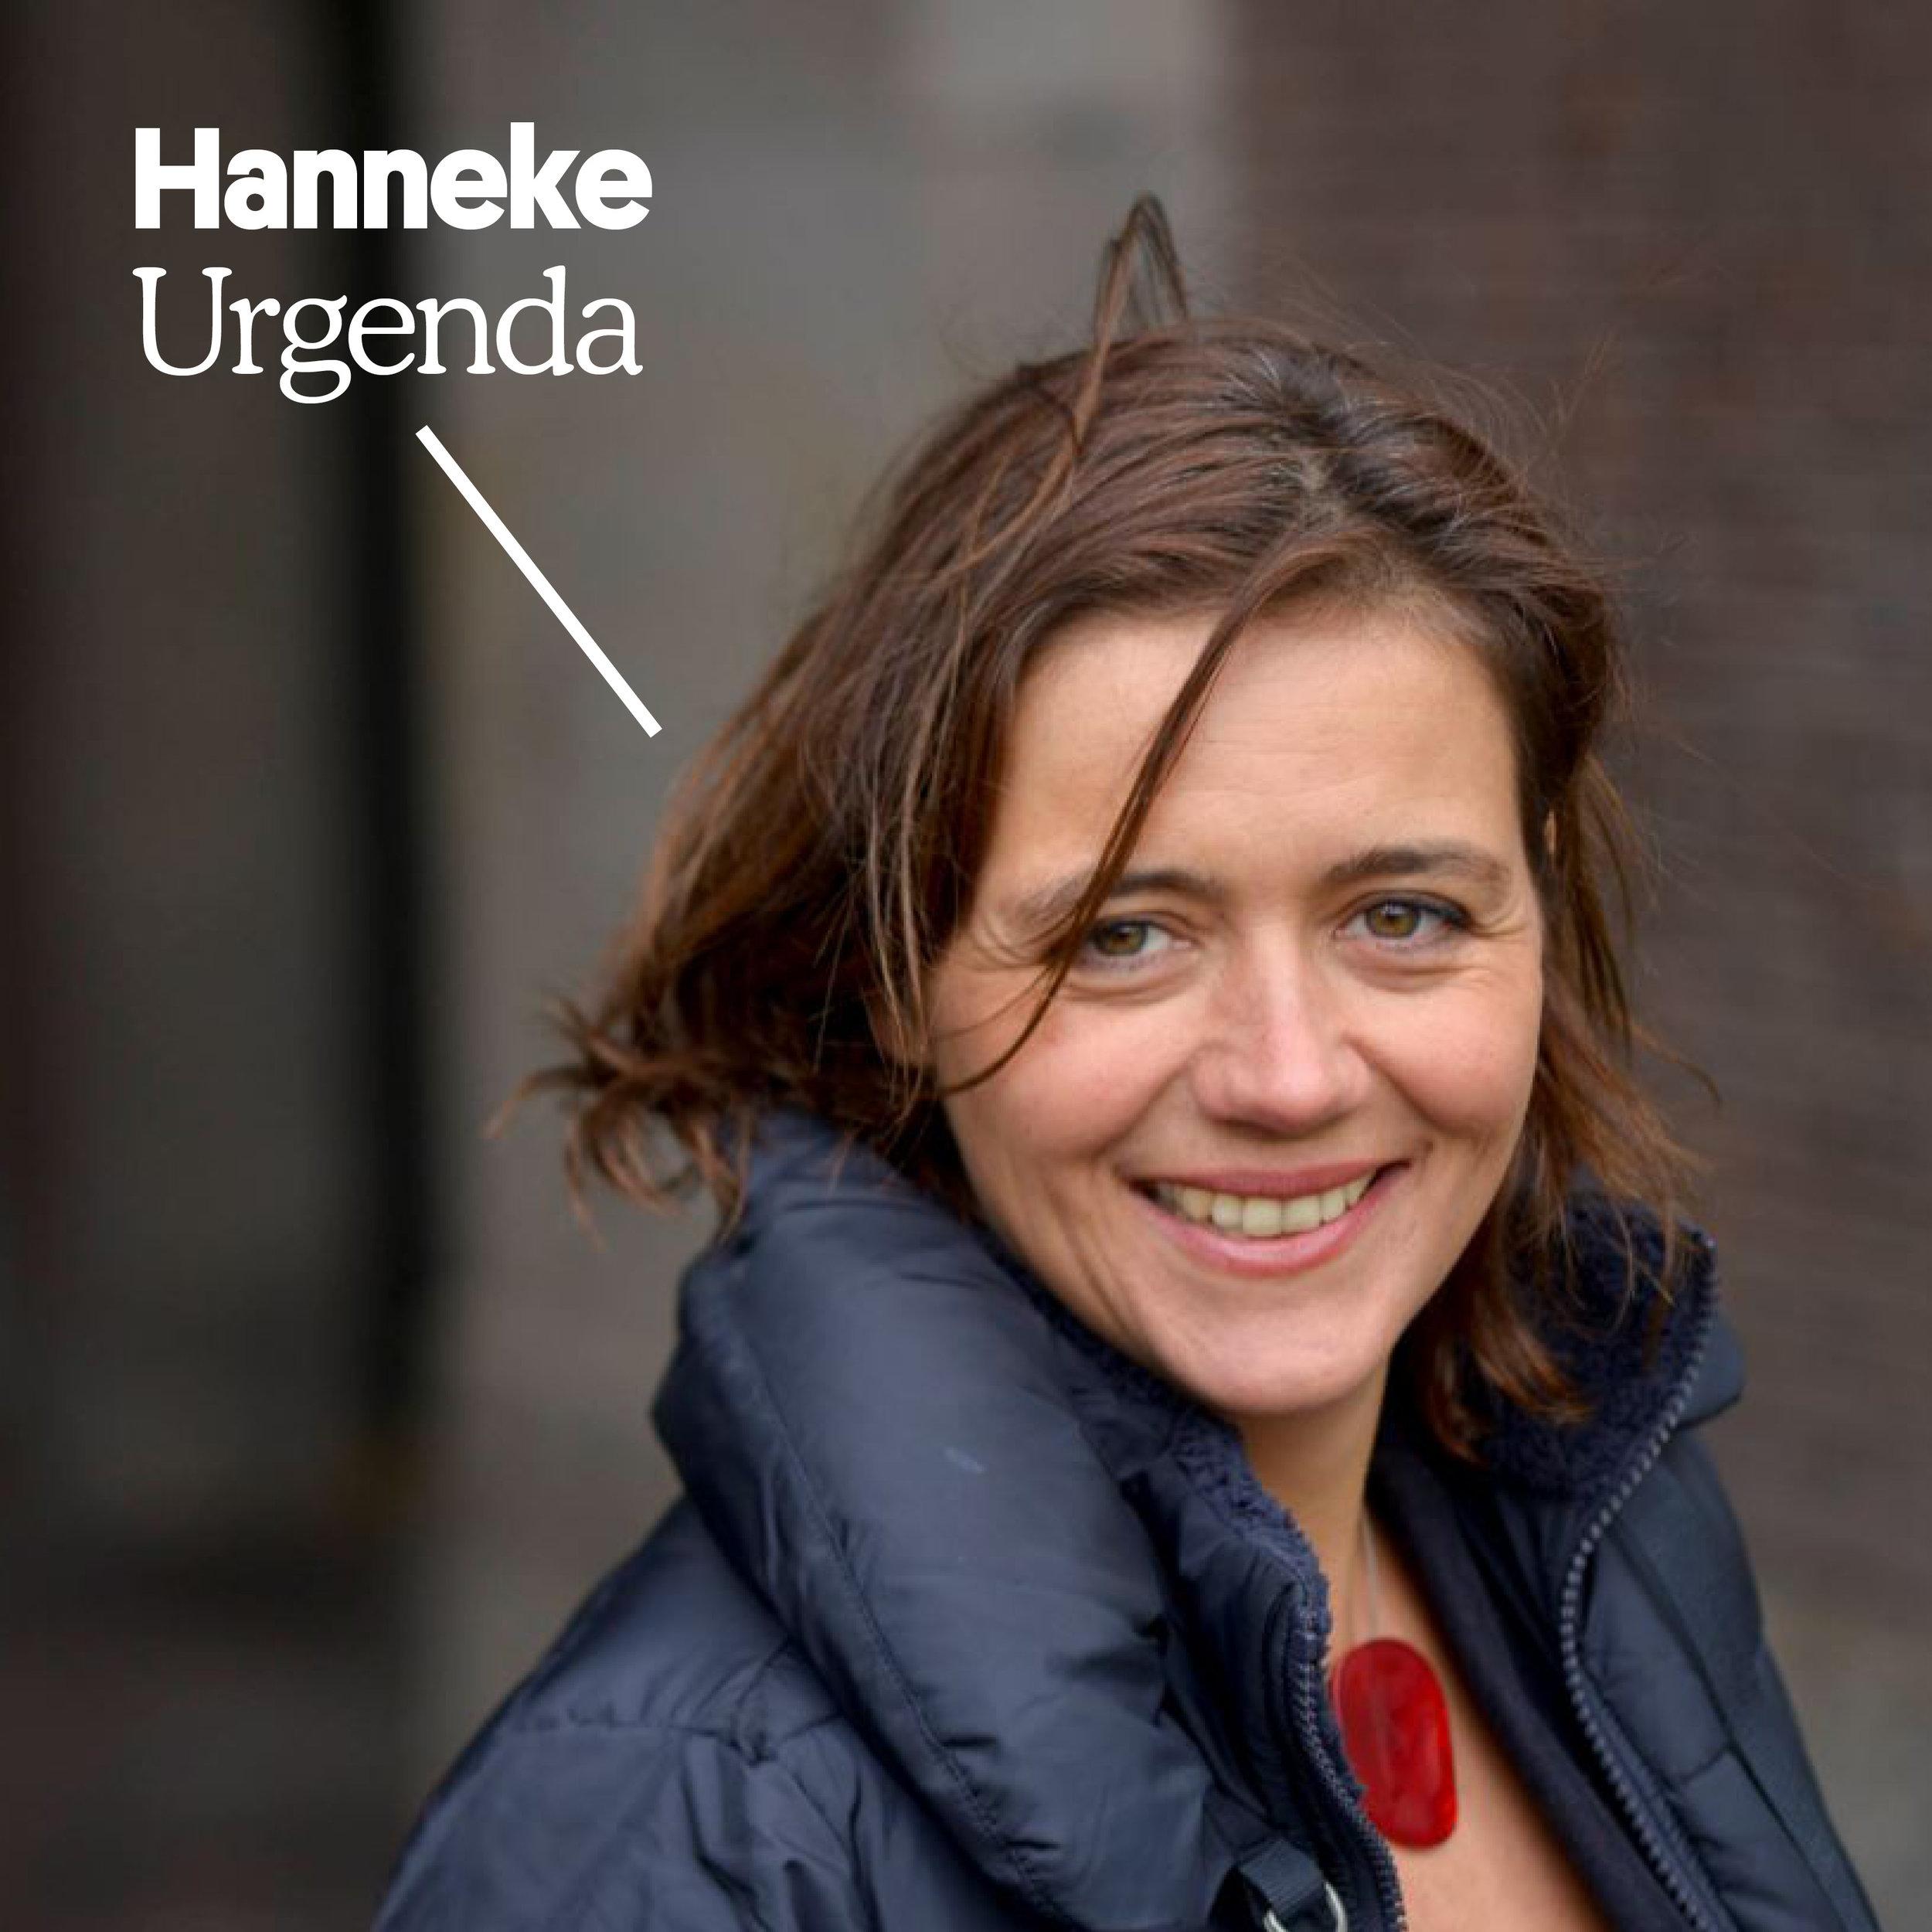 Hanneke.jpg